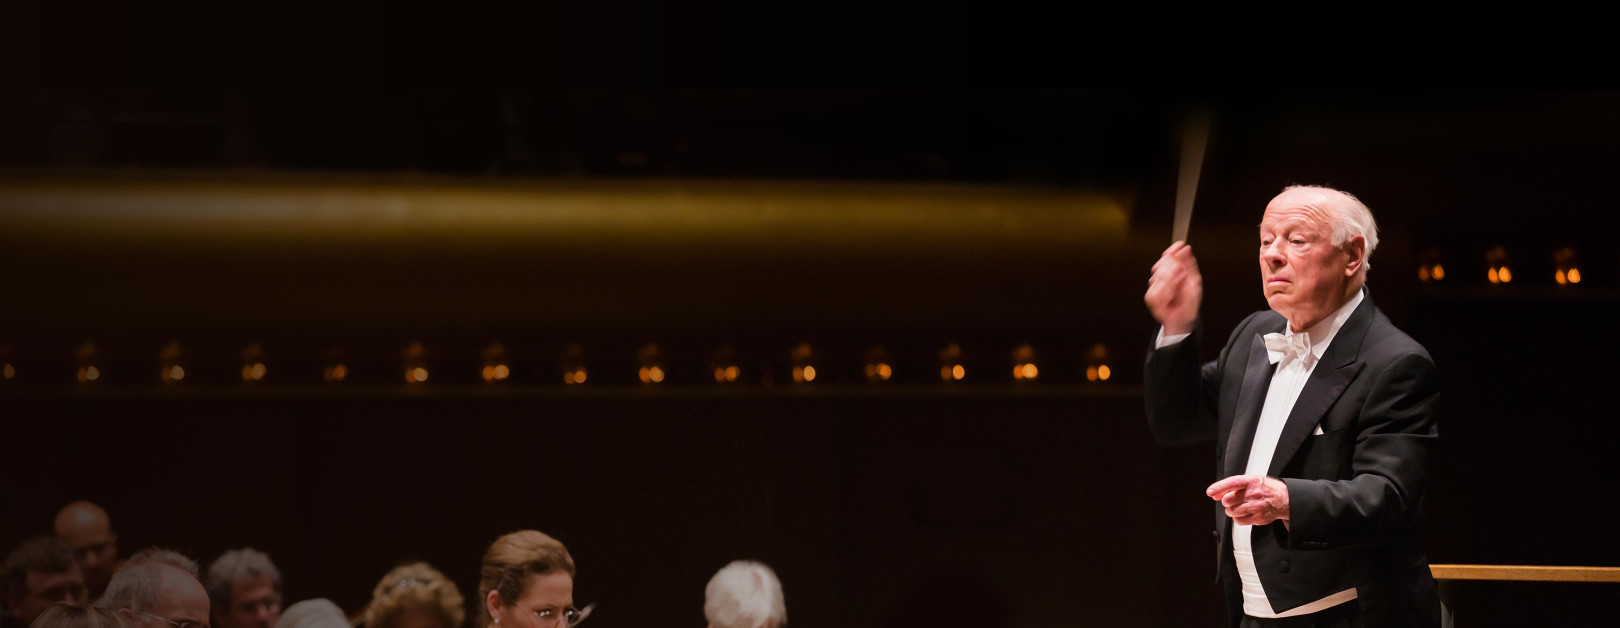 Mahler Symphony No. 9